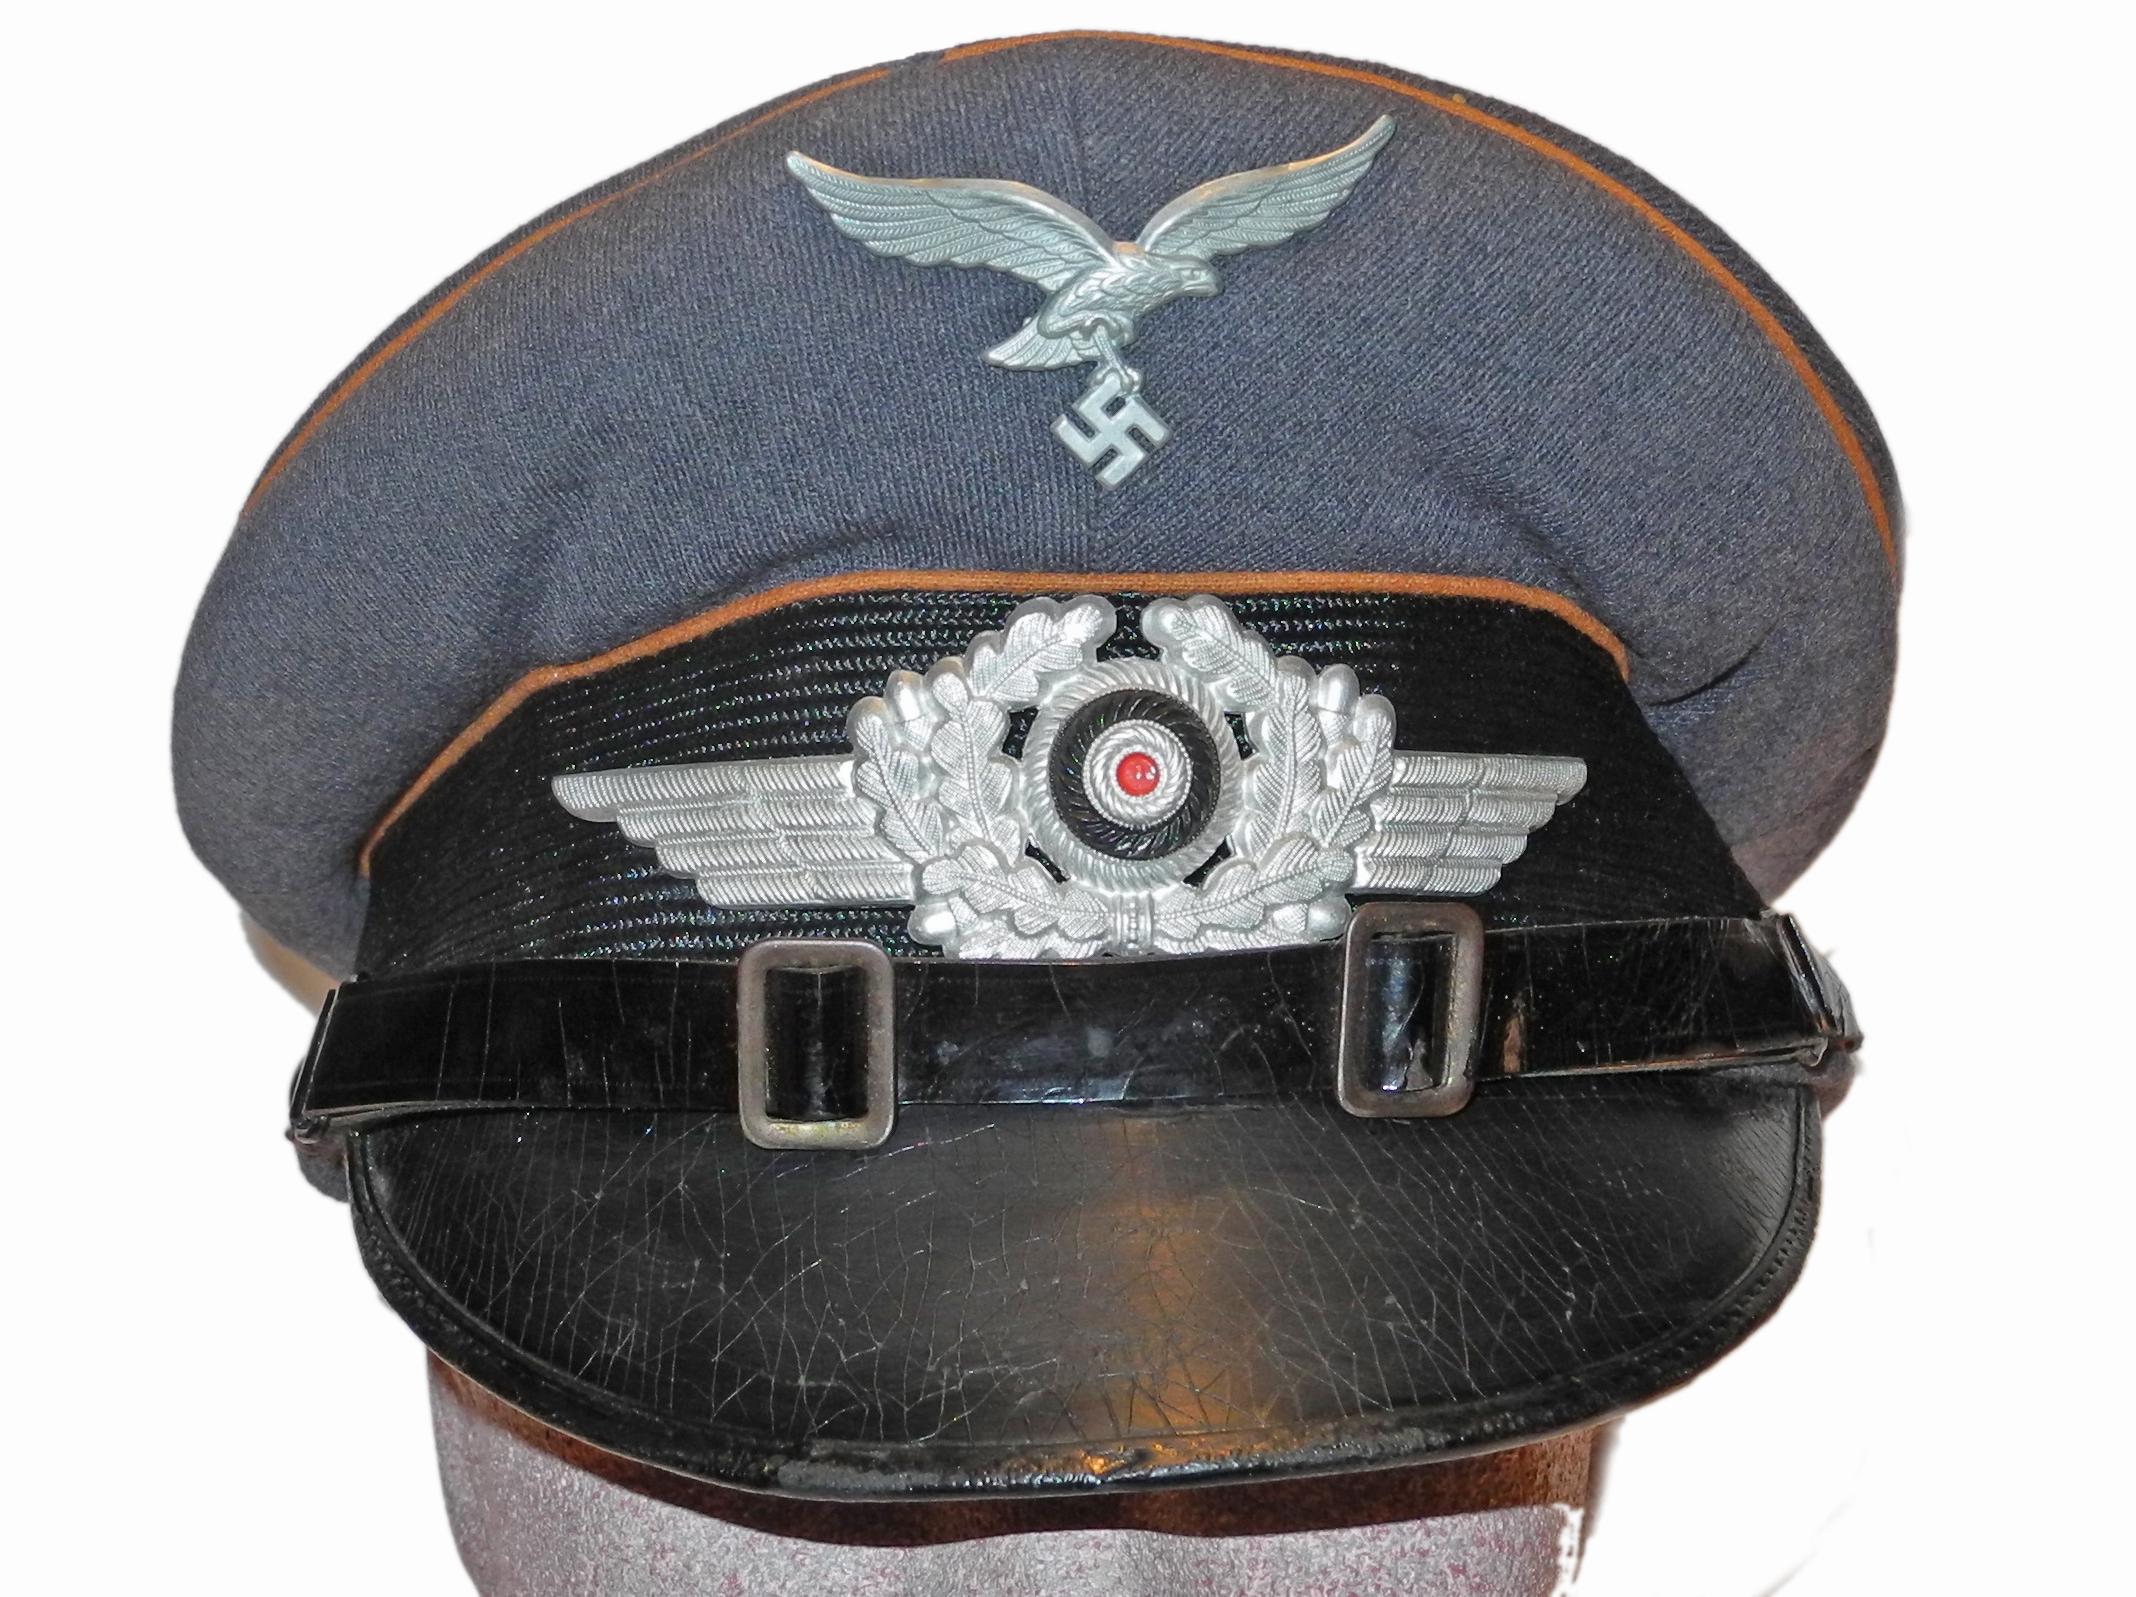 LW signals enlisted visor cap